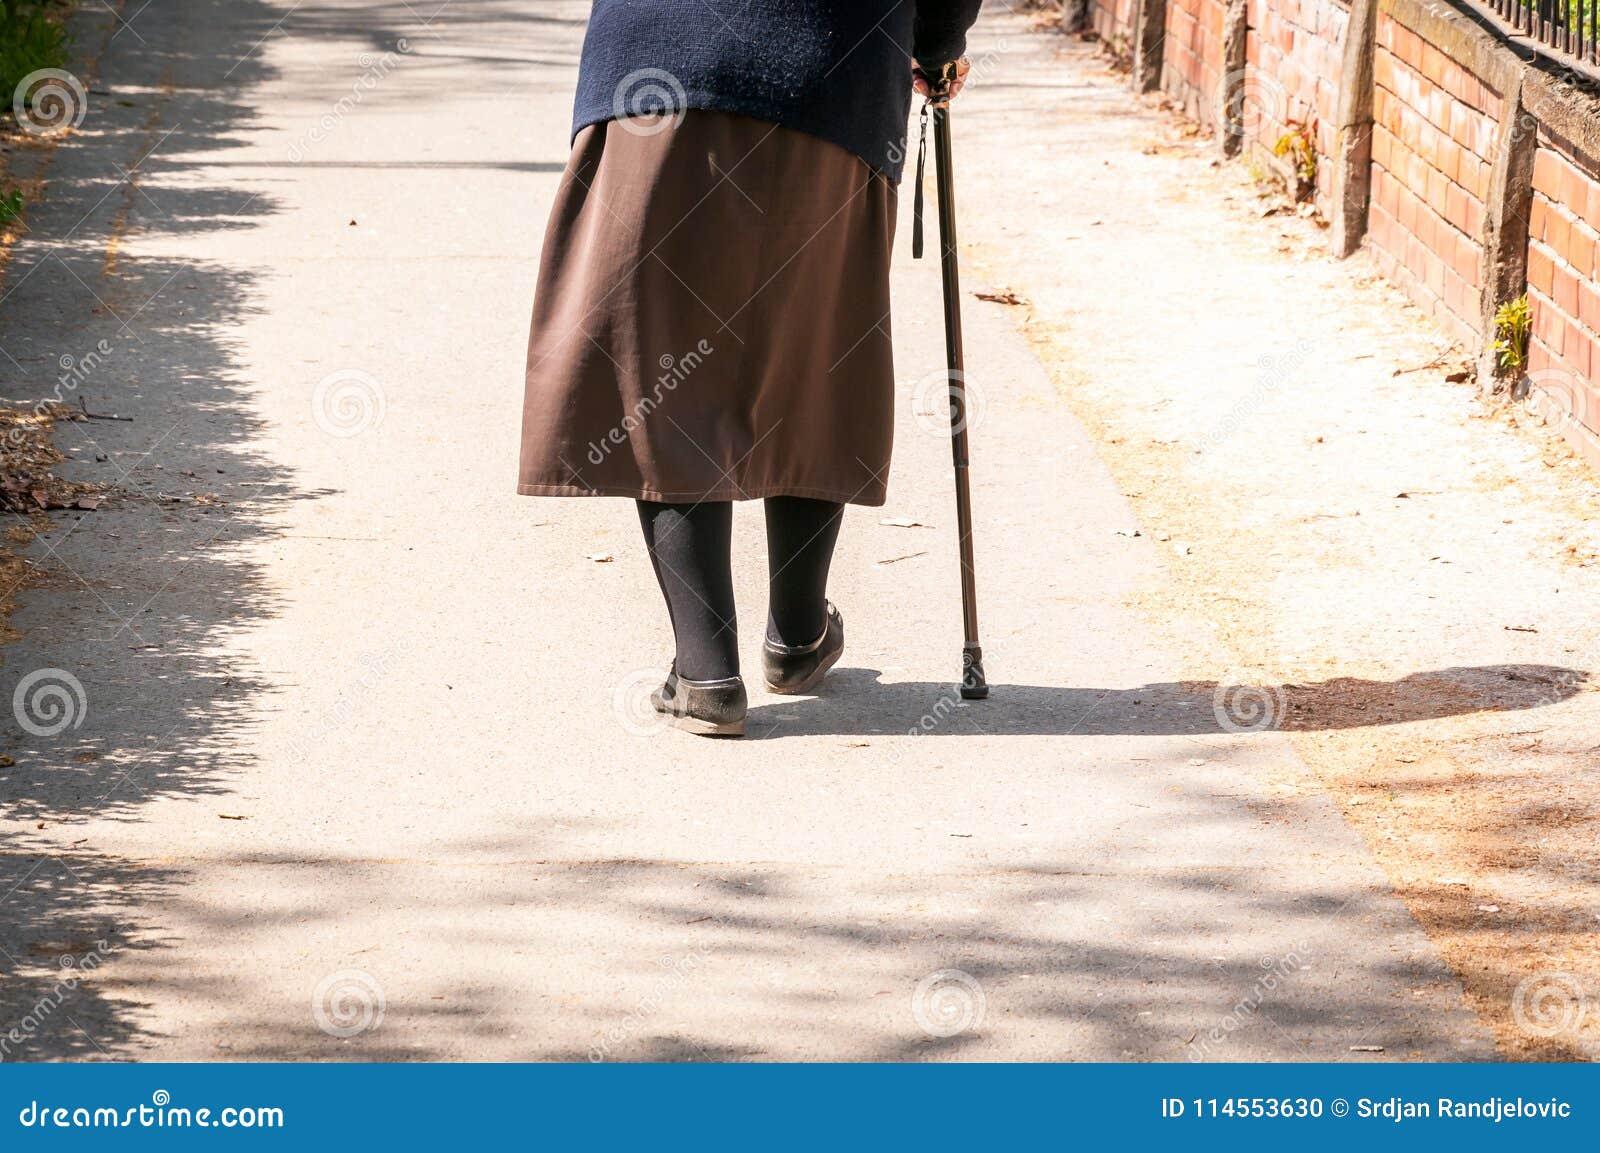 Παλαιός καταθλιπτικός περίπατος γυναικών μόνο κάτω από την οδό με τη μόνη και χαμένη άποψη συναισθήματος ραβδιών ή καλάμων περπατ